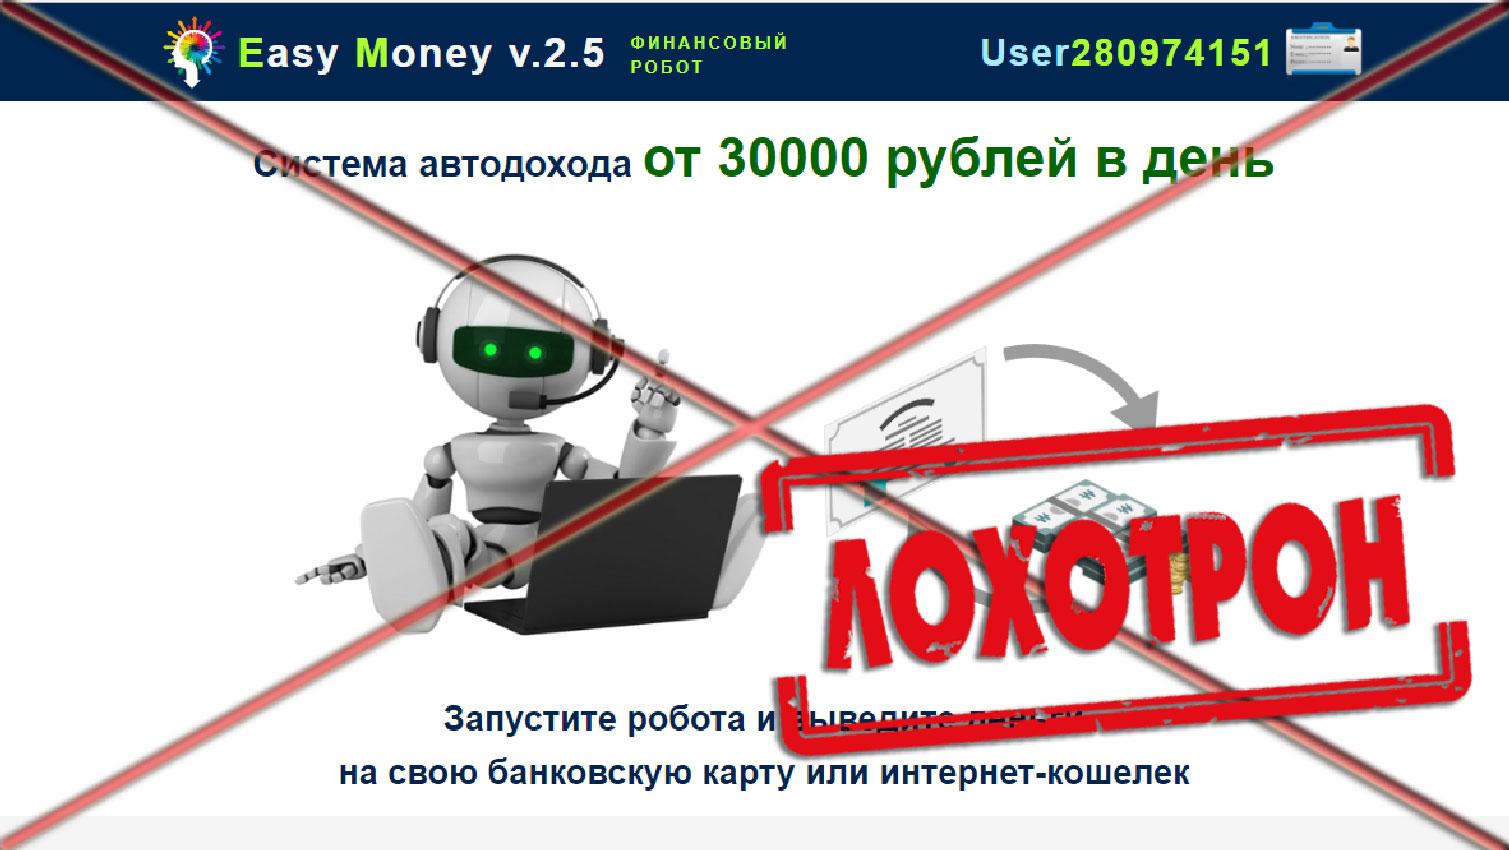 Easy Money v.2.5 финансовый робот